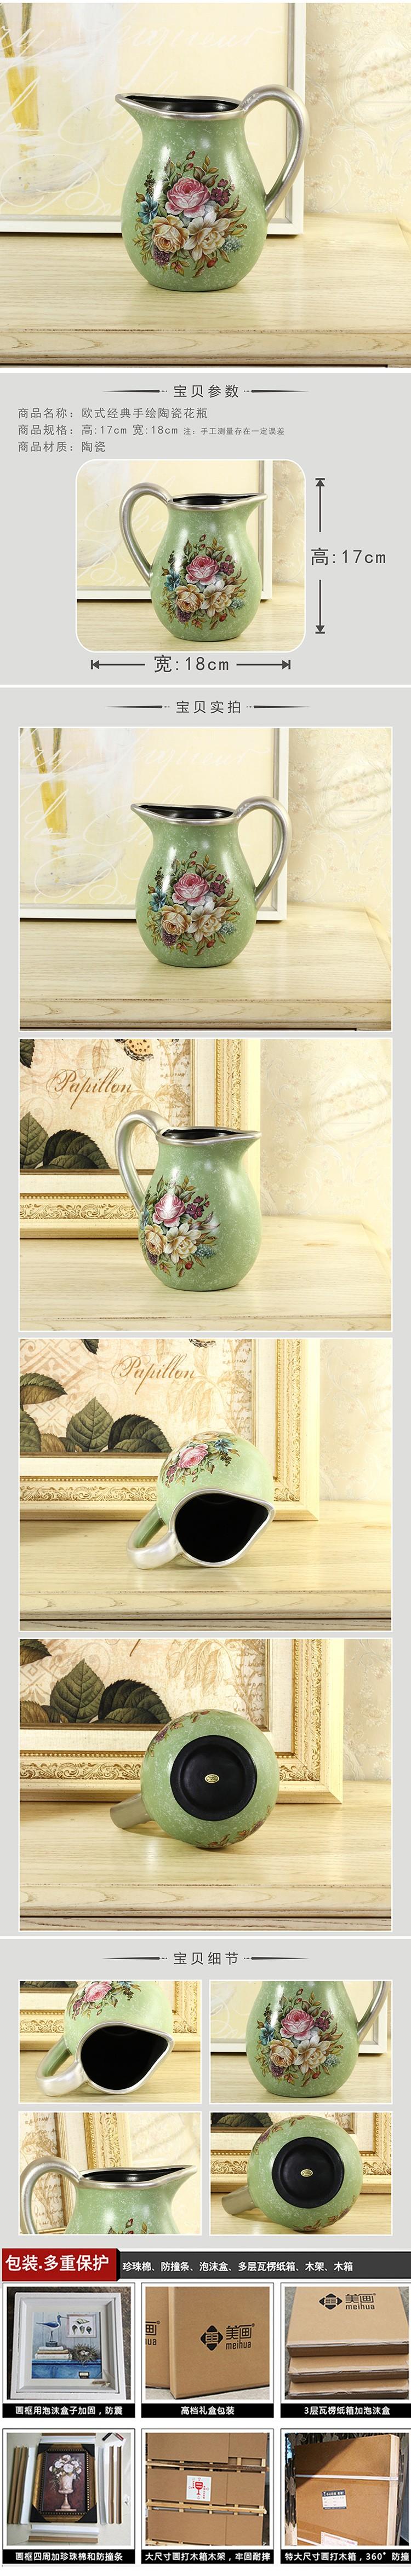 美画欧式经典手绘陶瓷花瓶